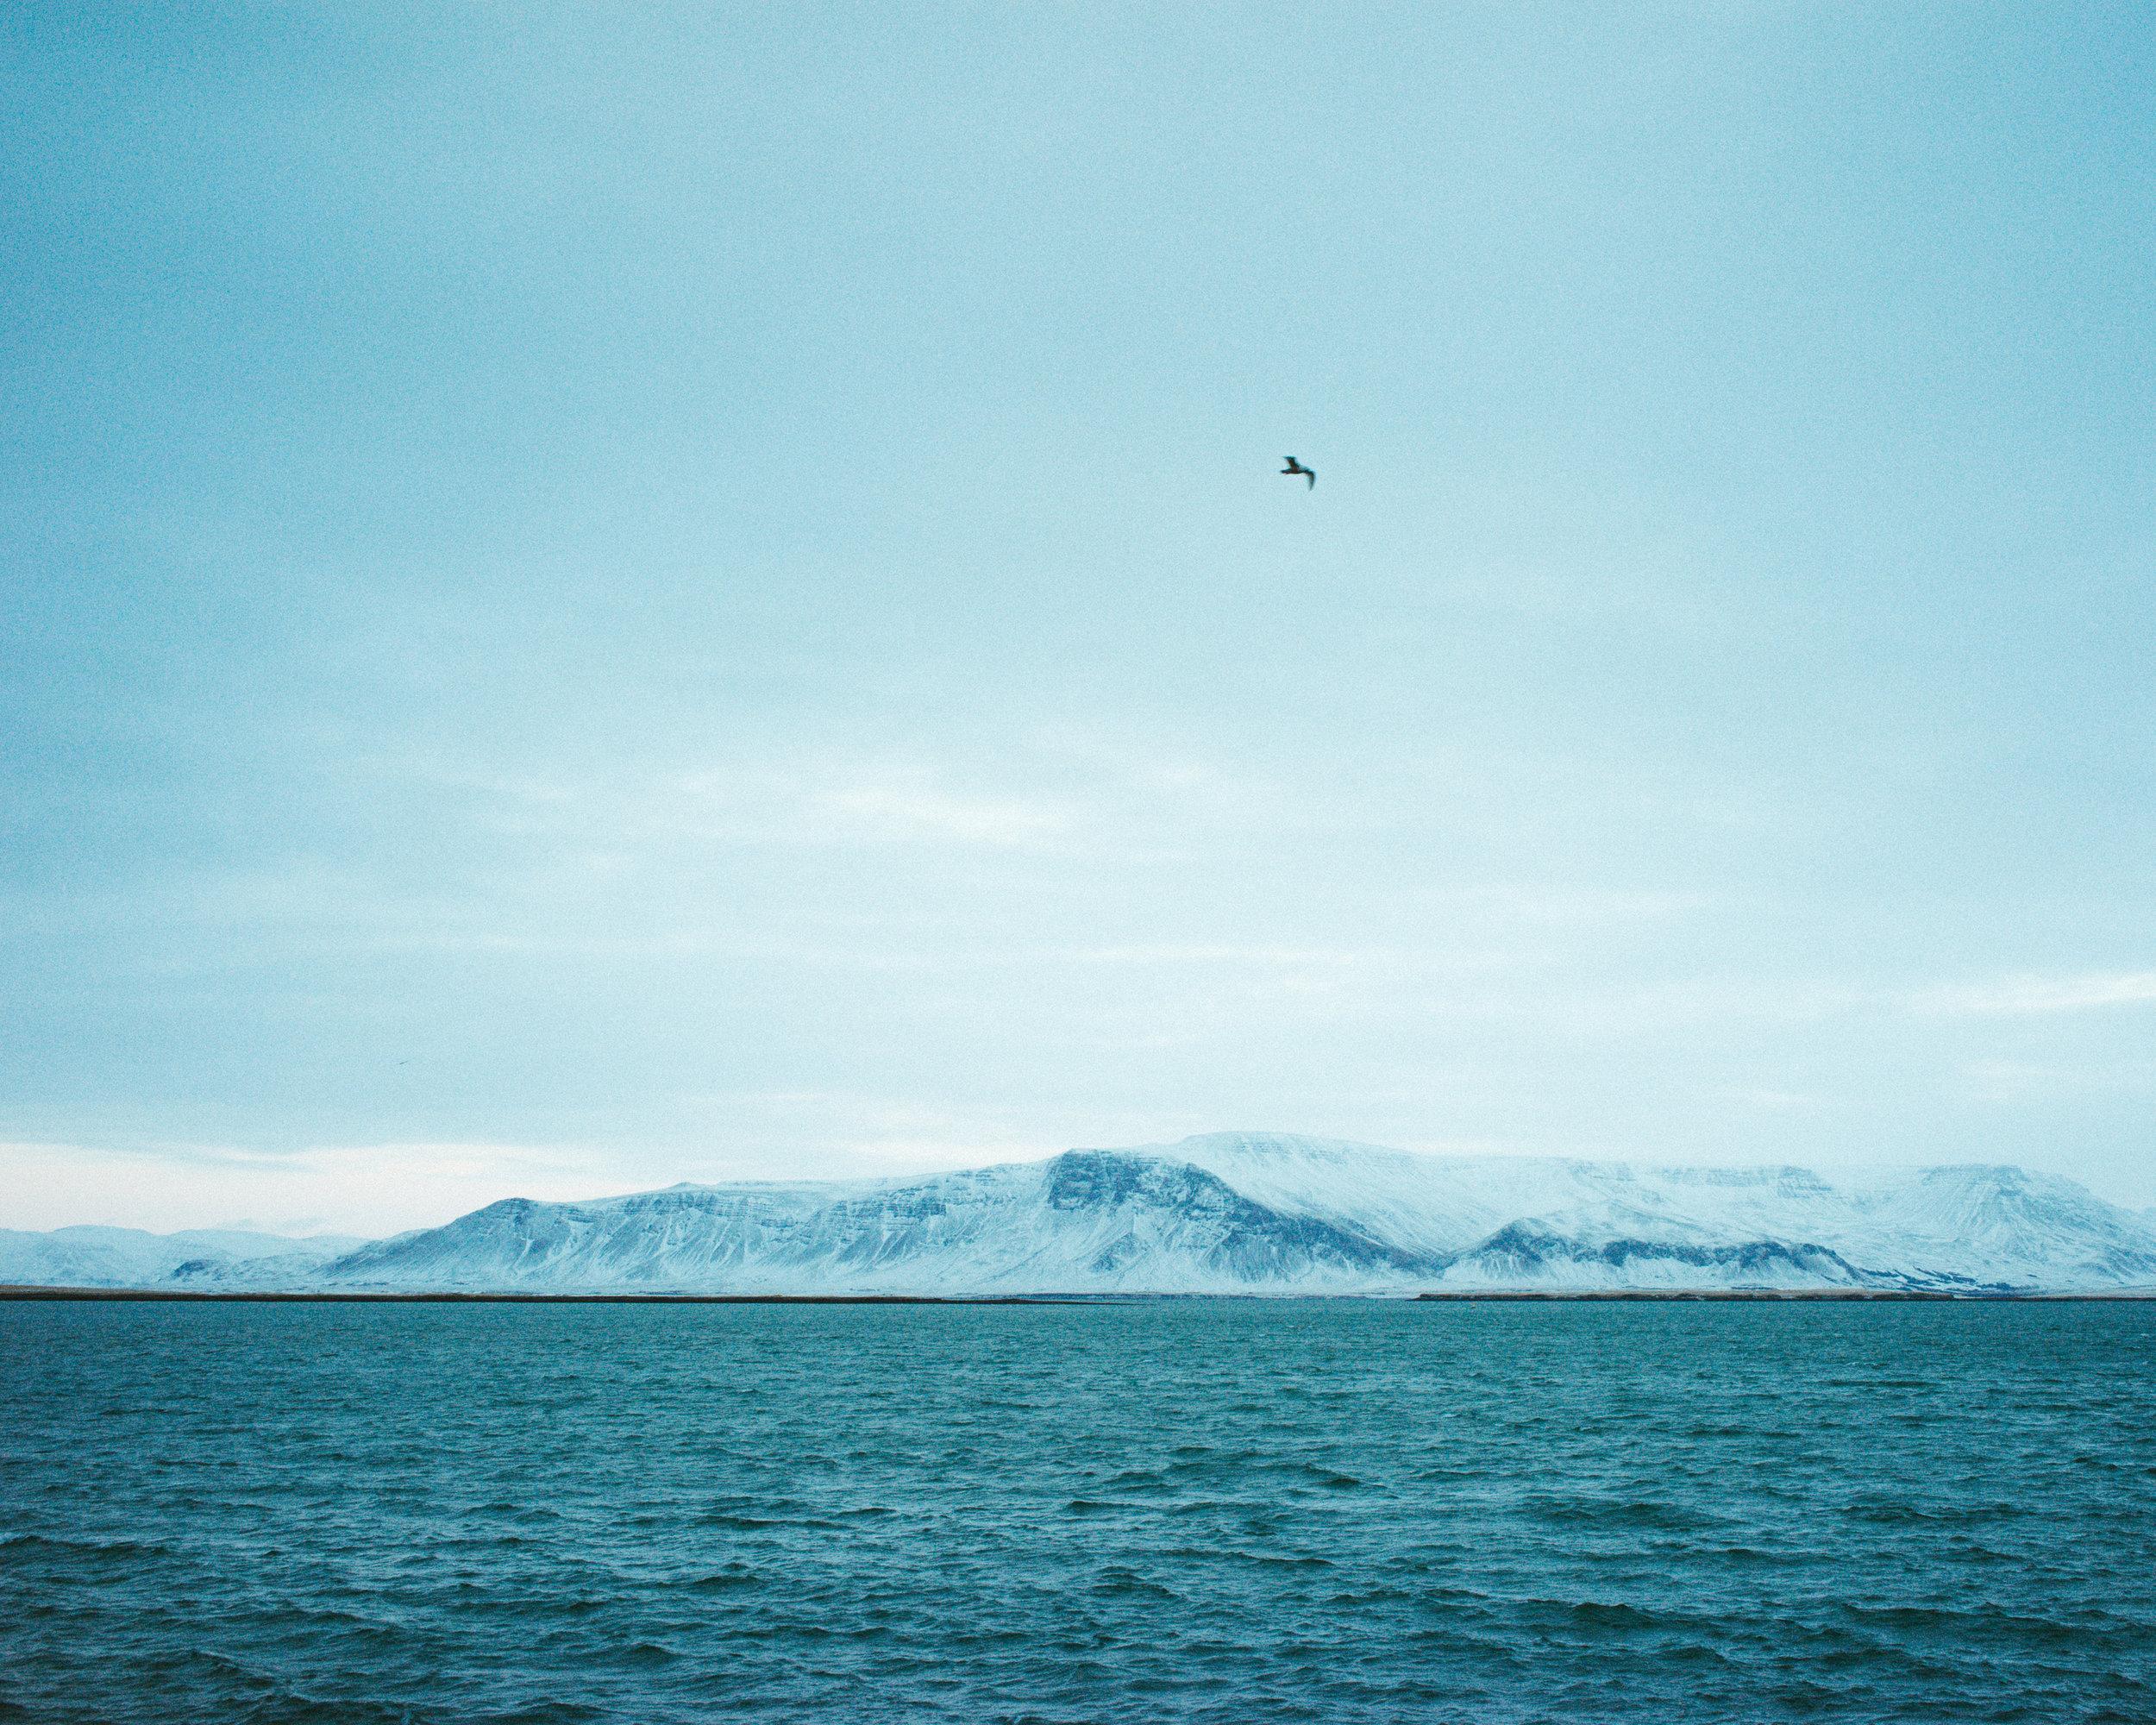 iceland_37_DSC00923.jpg